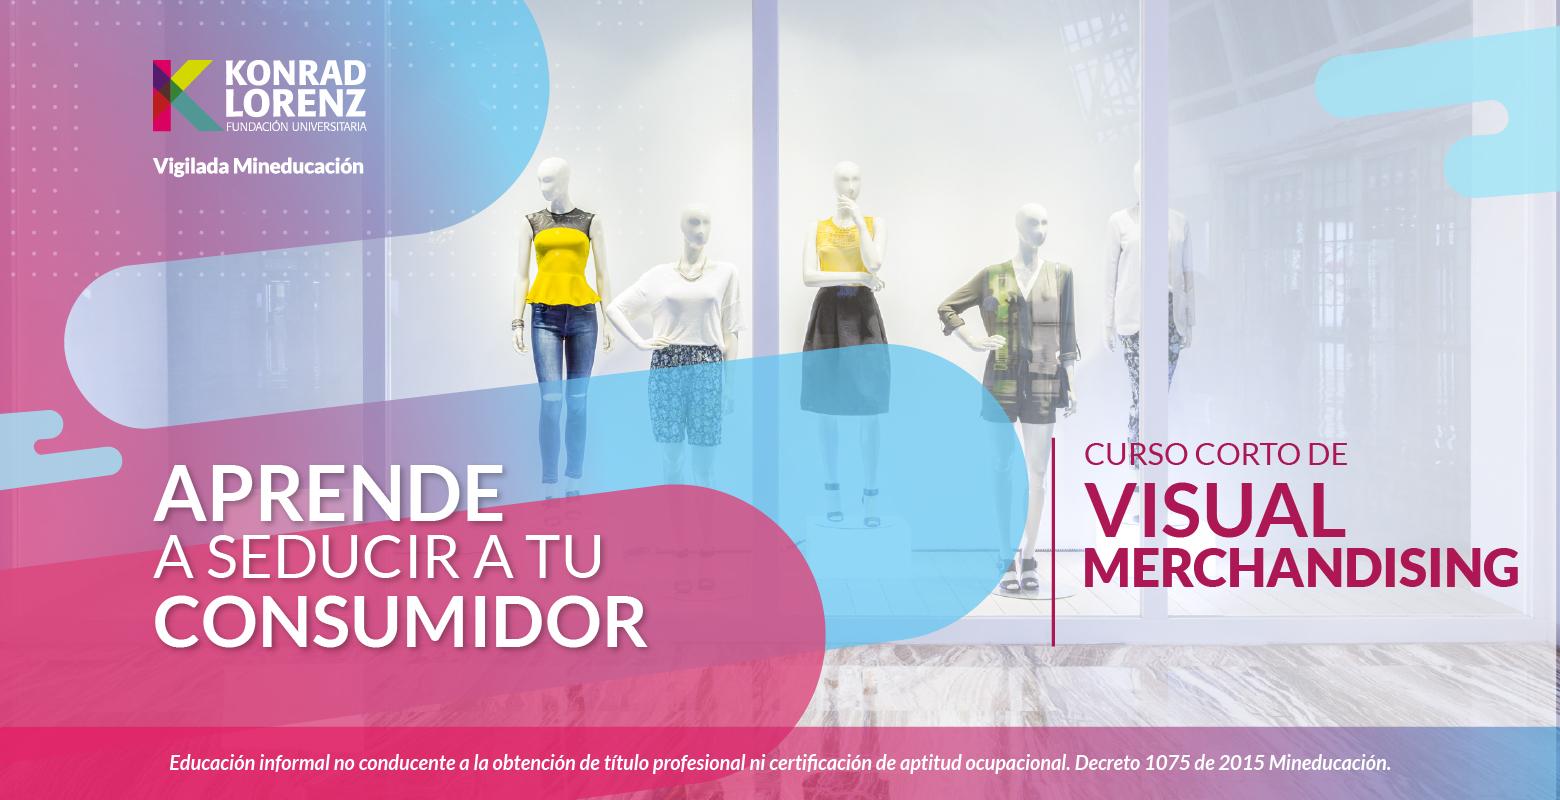 Curso Corto de Visual Merchandising